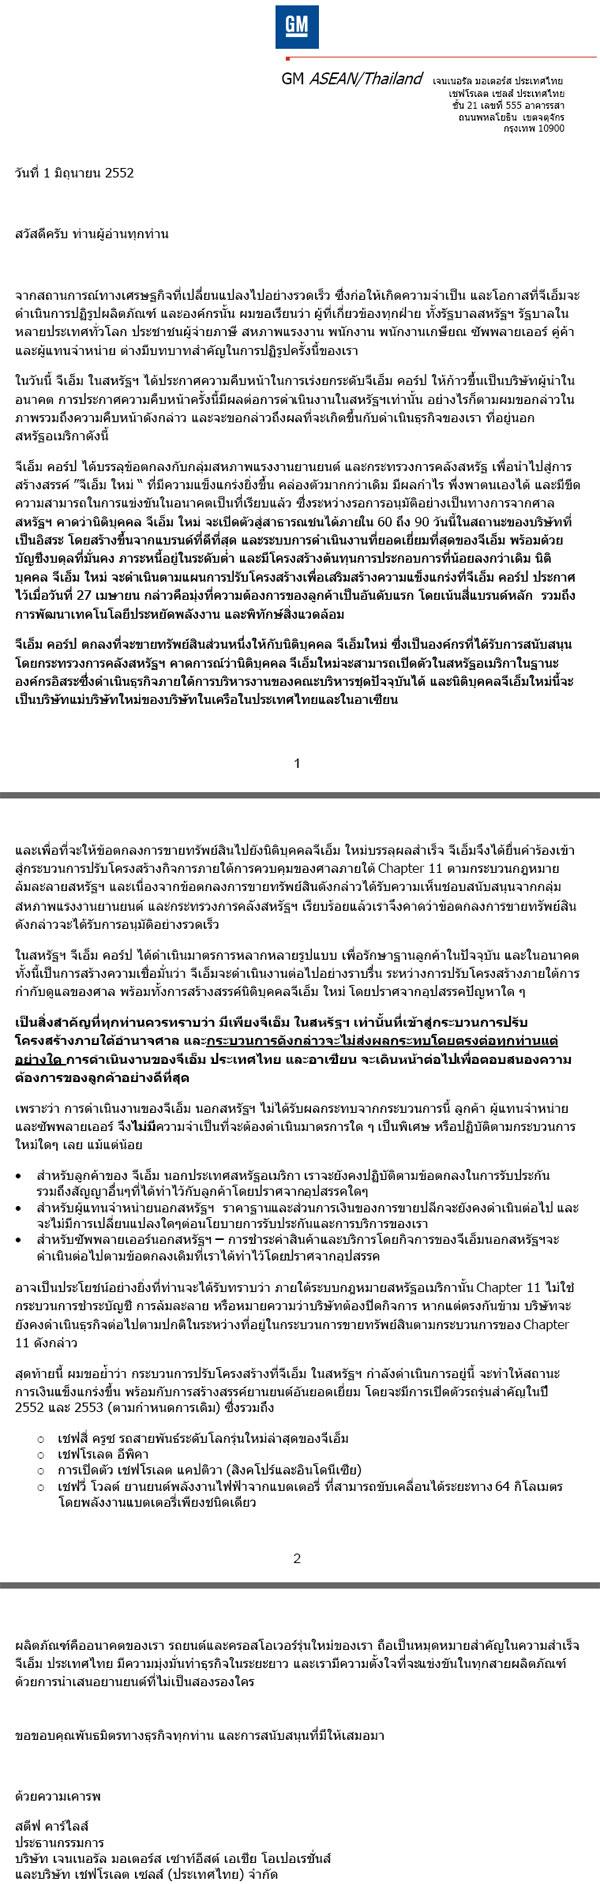 gm_letter